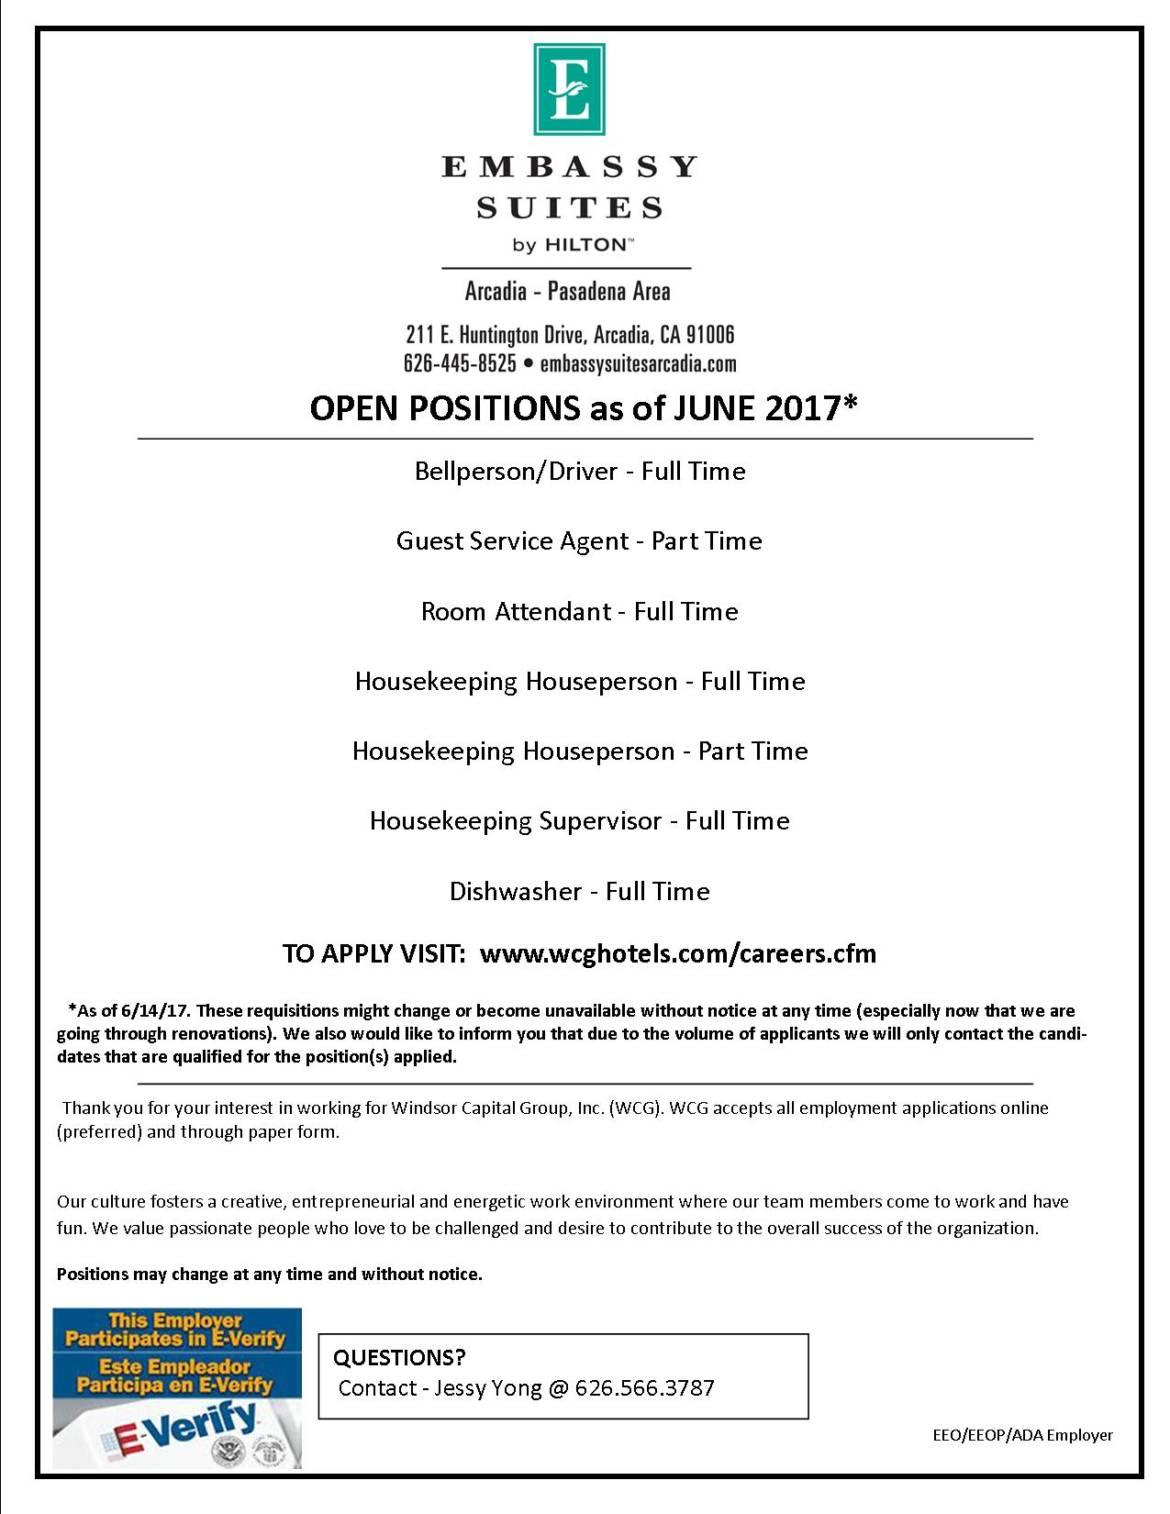 Ada job openings